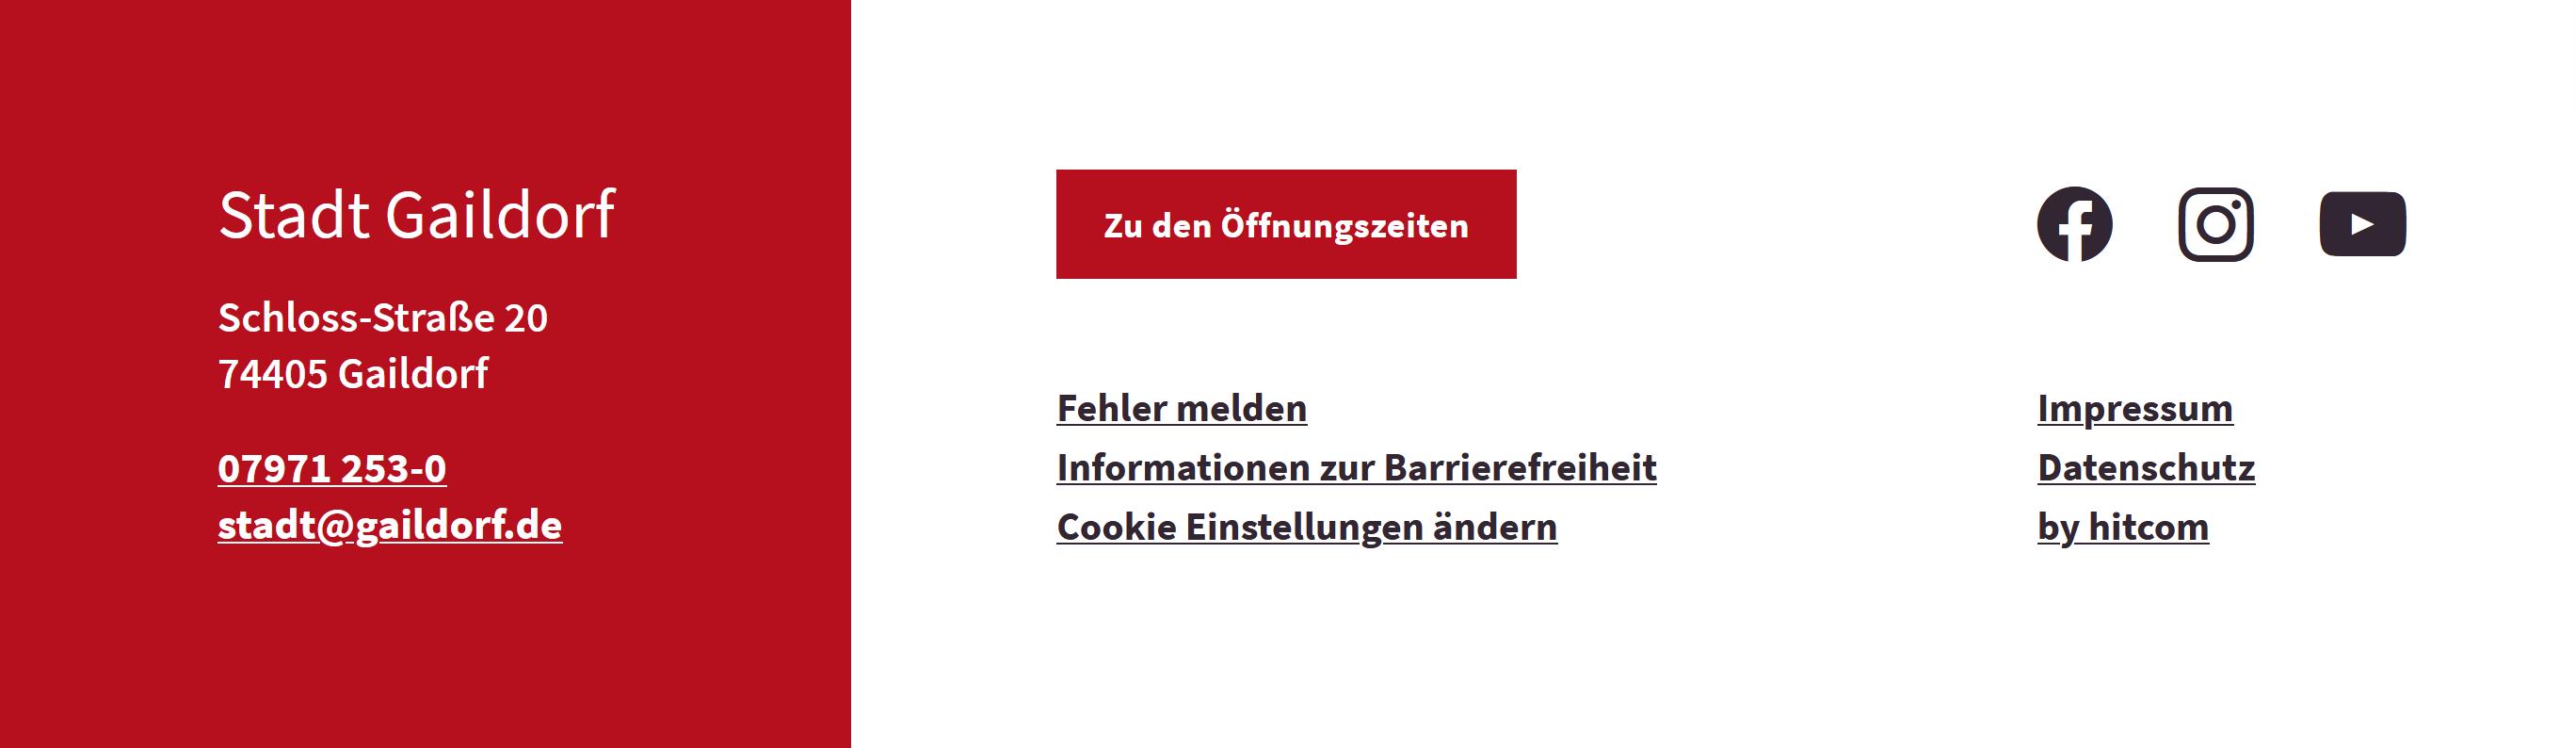 Gaildorf - Fußzeile